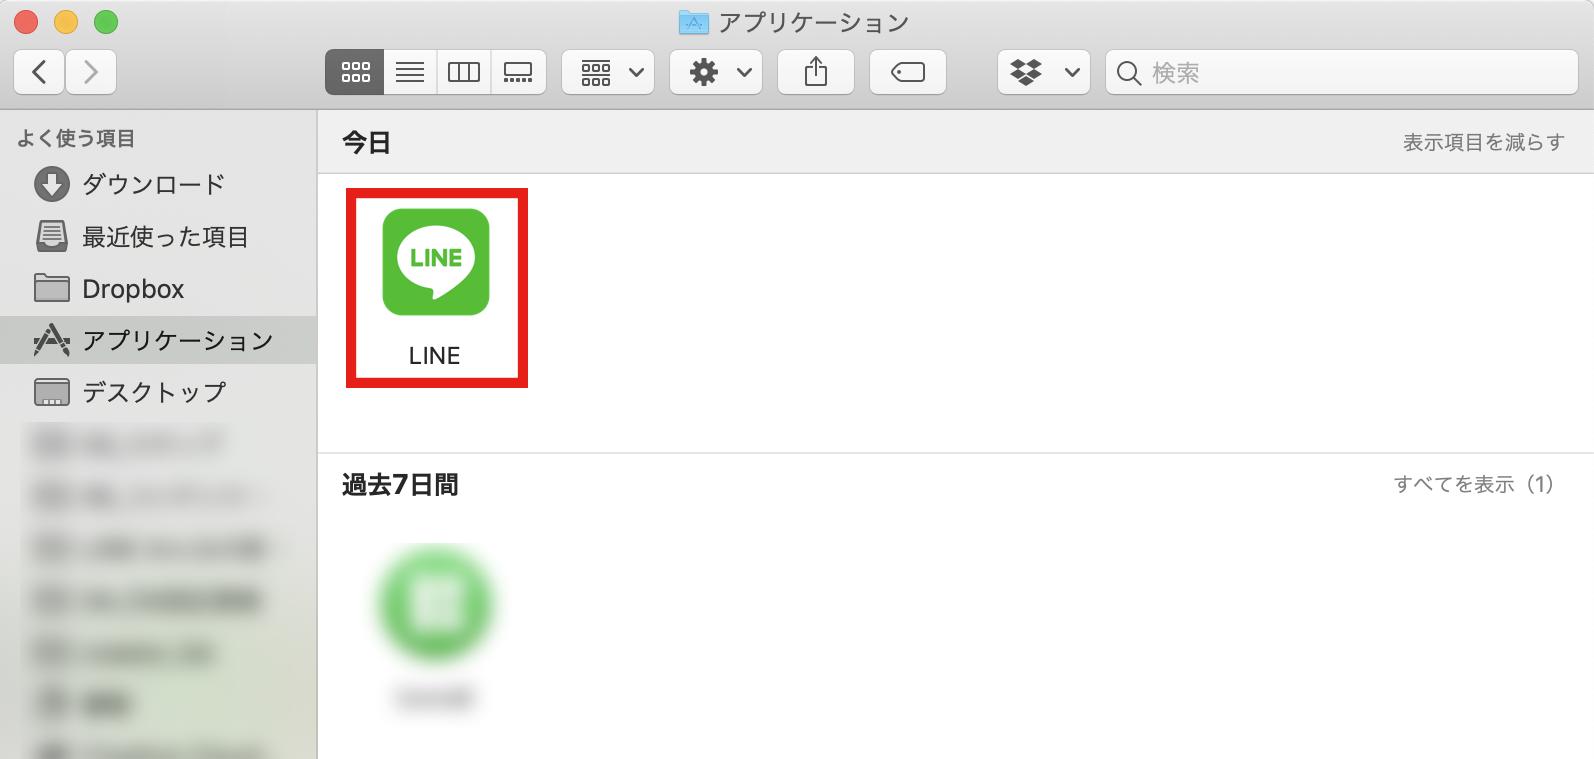 mac_03.png